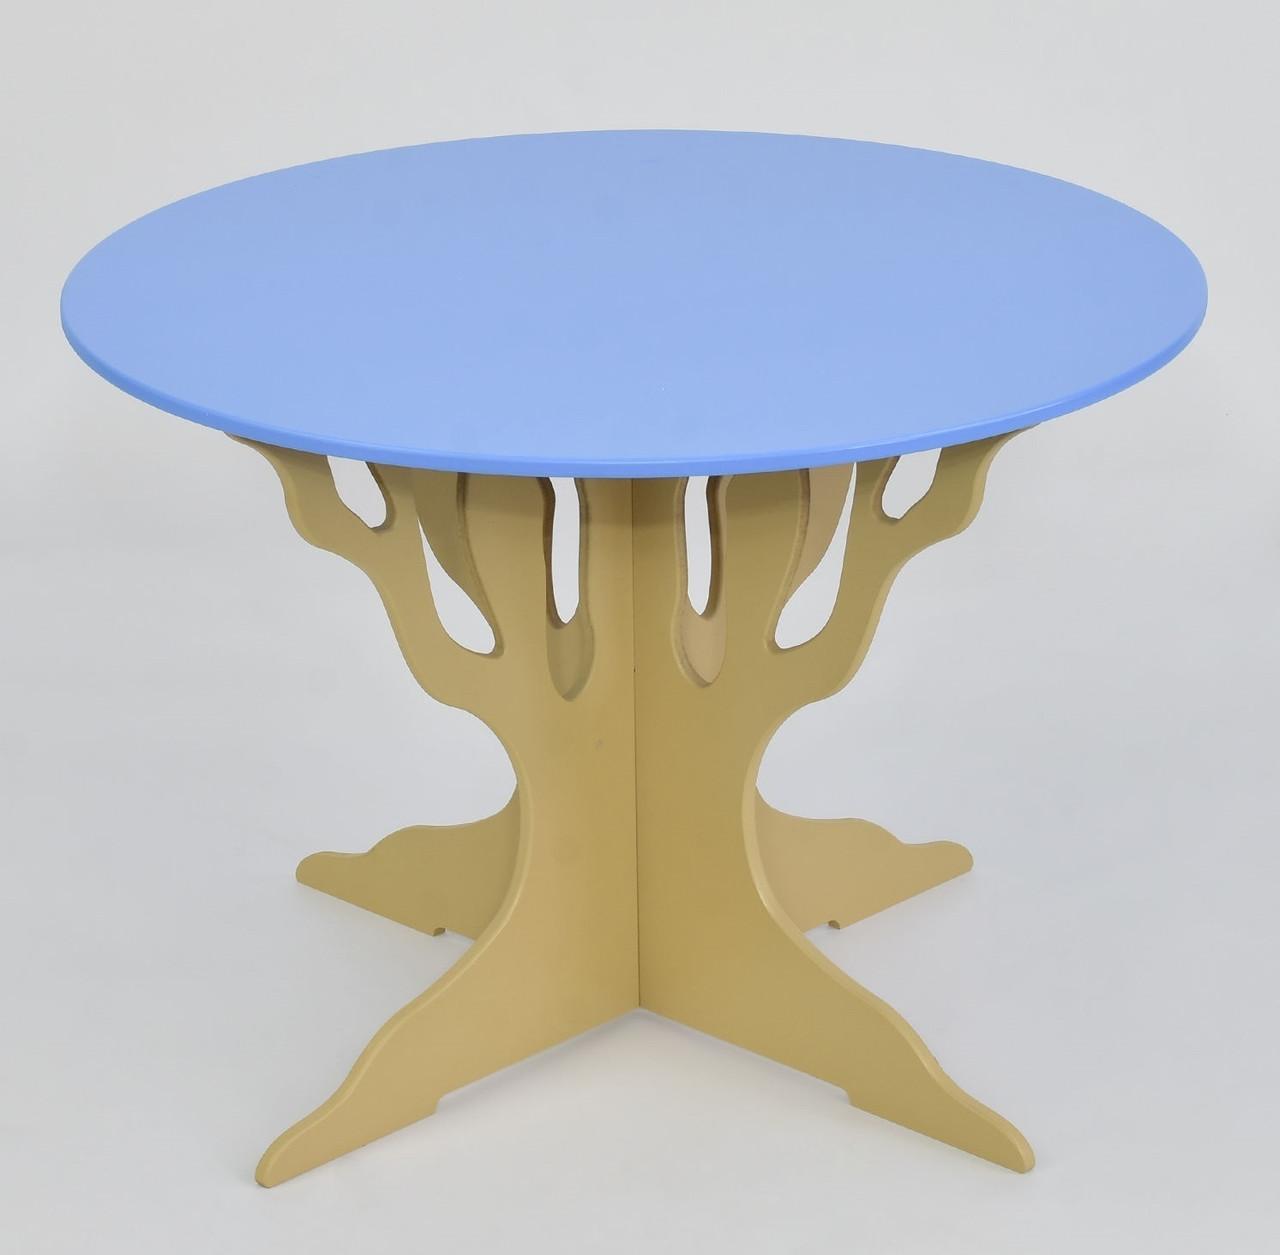 Мася Столик-дерево круглый Мася 5120 Blue (5120)